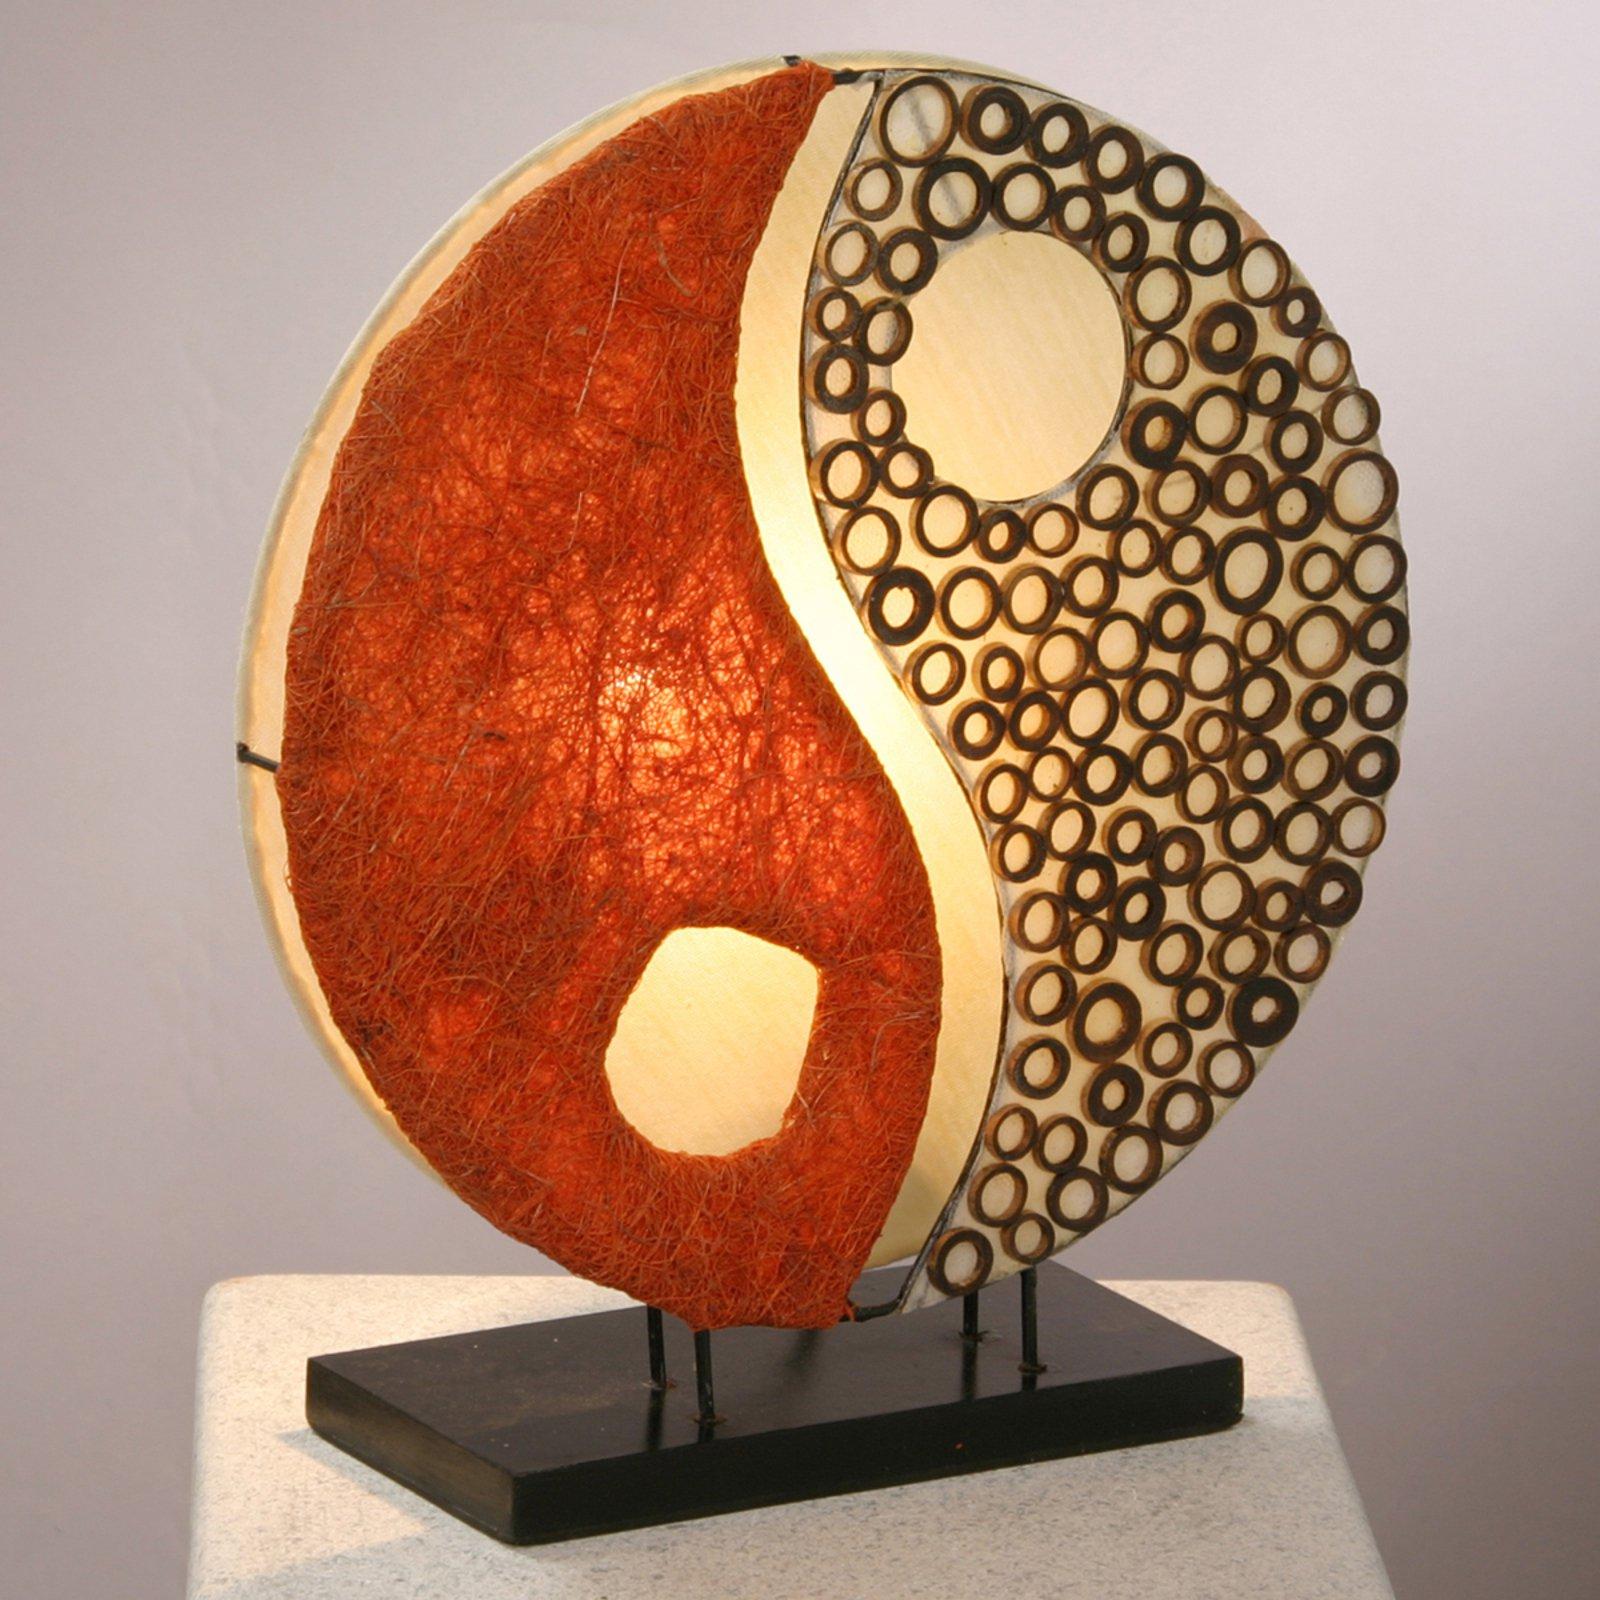 Bordlampe Ying Yang med trefot